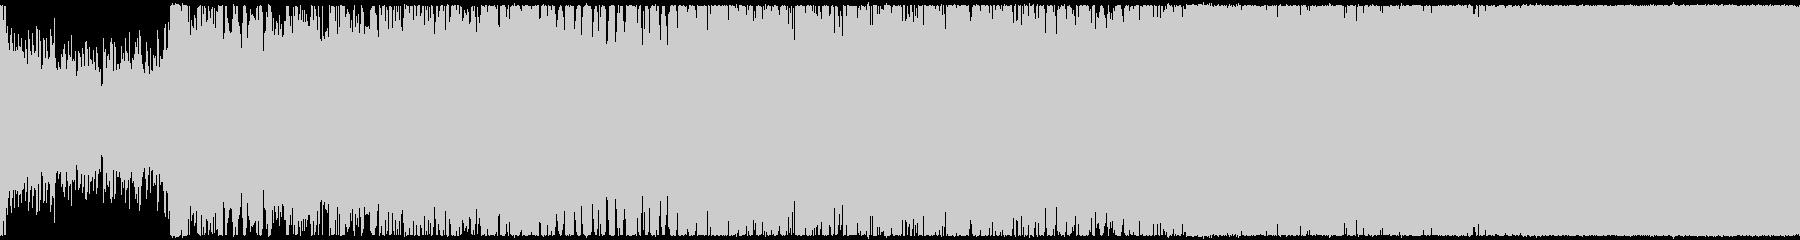 幻想的で勇ましいオーケストラ ループ版の未再生の波形